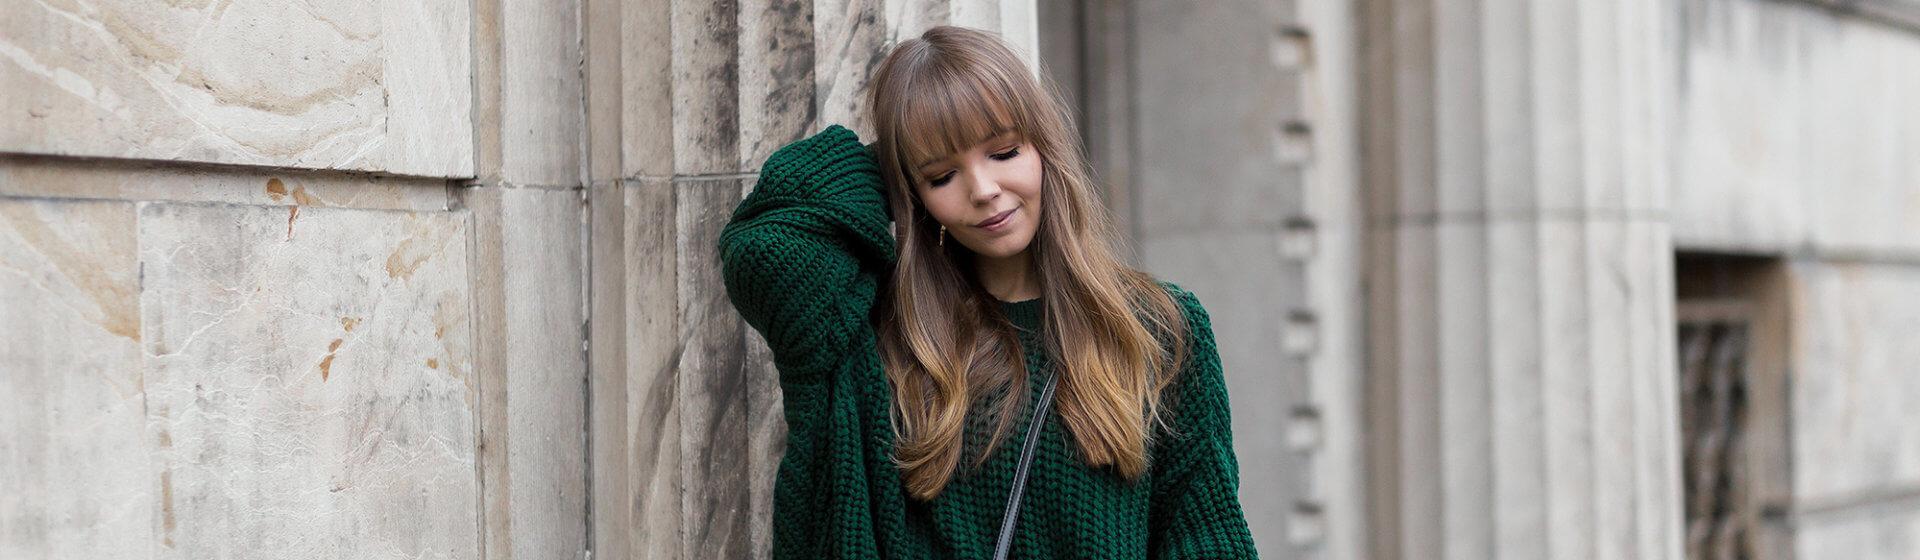 Tannengrün stylen, Trendfarbe für den Winter, Shoelove by Deichmann